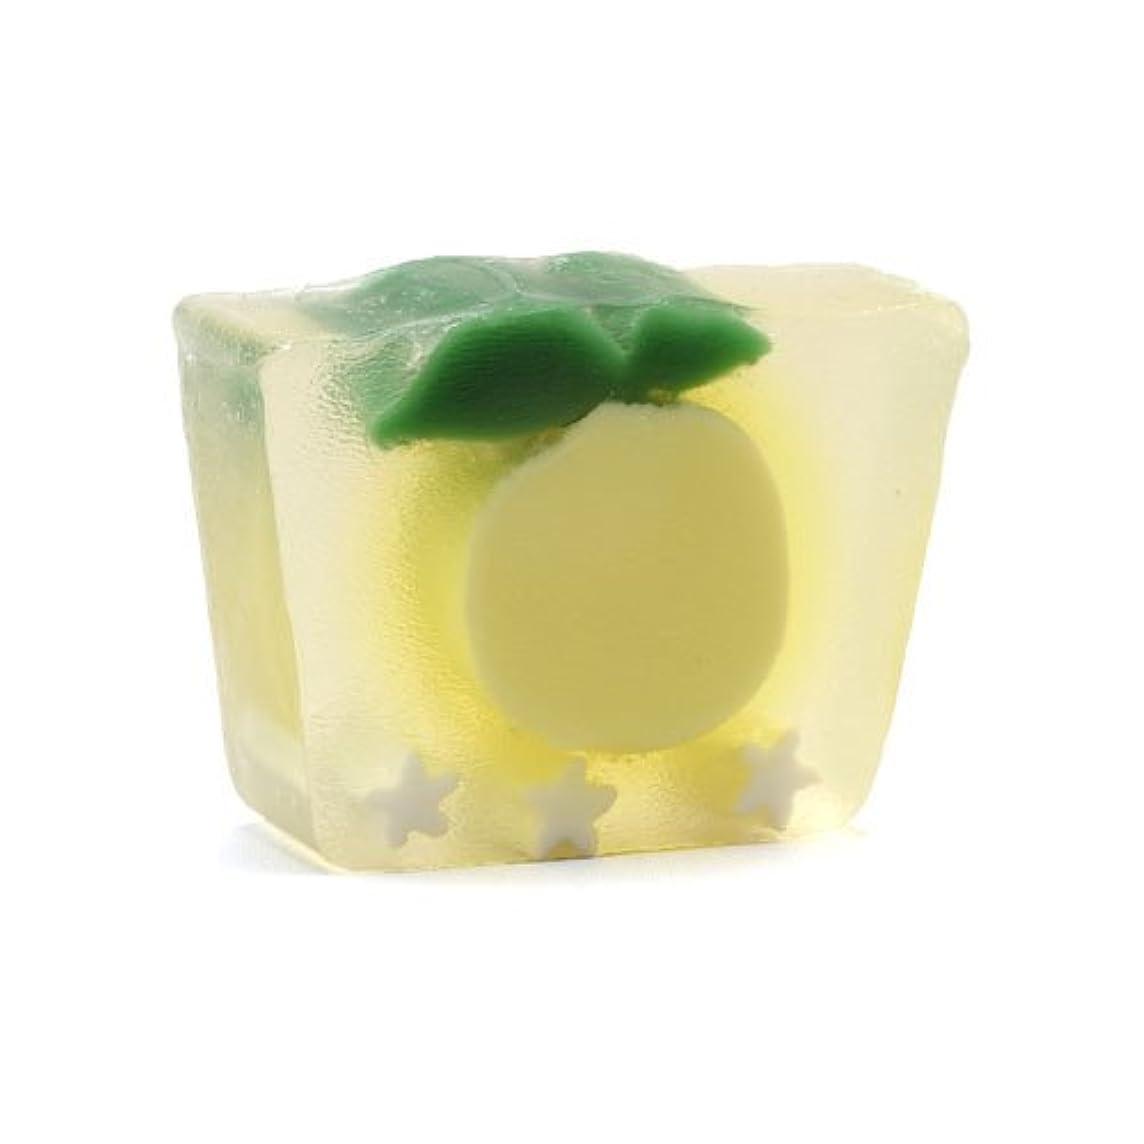 操作可能含める粘性のプライモールエレメンツ アロマティック ミニソープ カリフォルニアレモン 80g 植物性 ナチュラル 石鹸 無添加